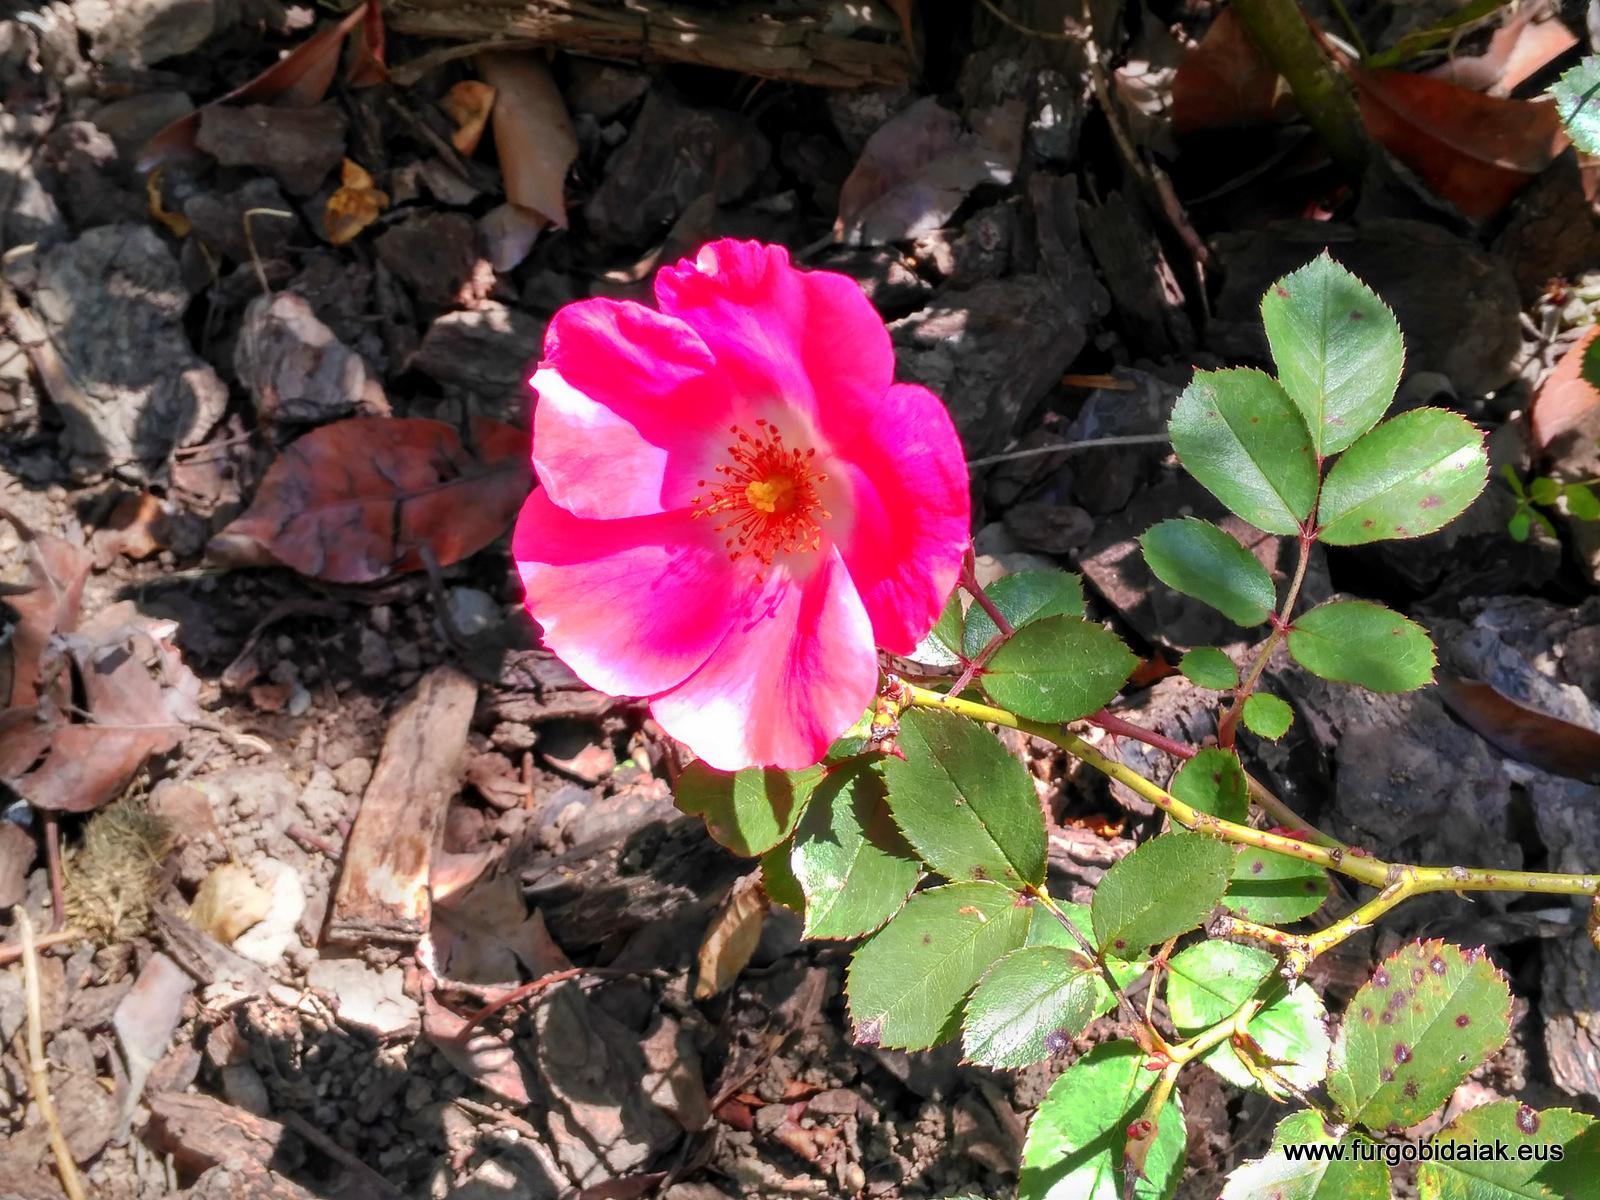 Jardín botánico Santa Catalina de Badaia, rosa silvestre